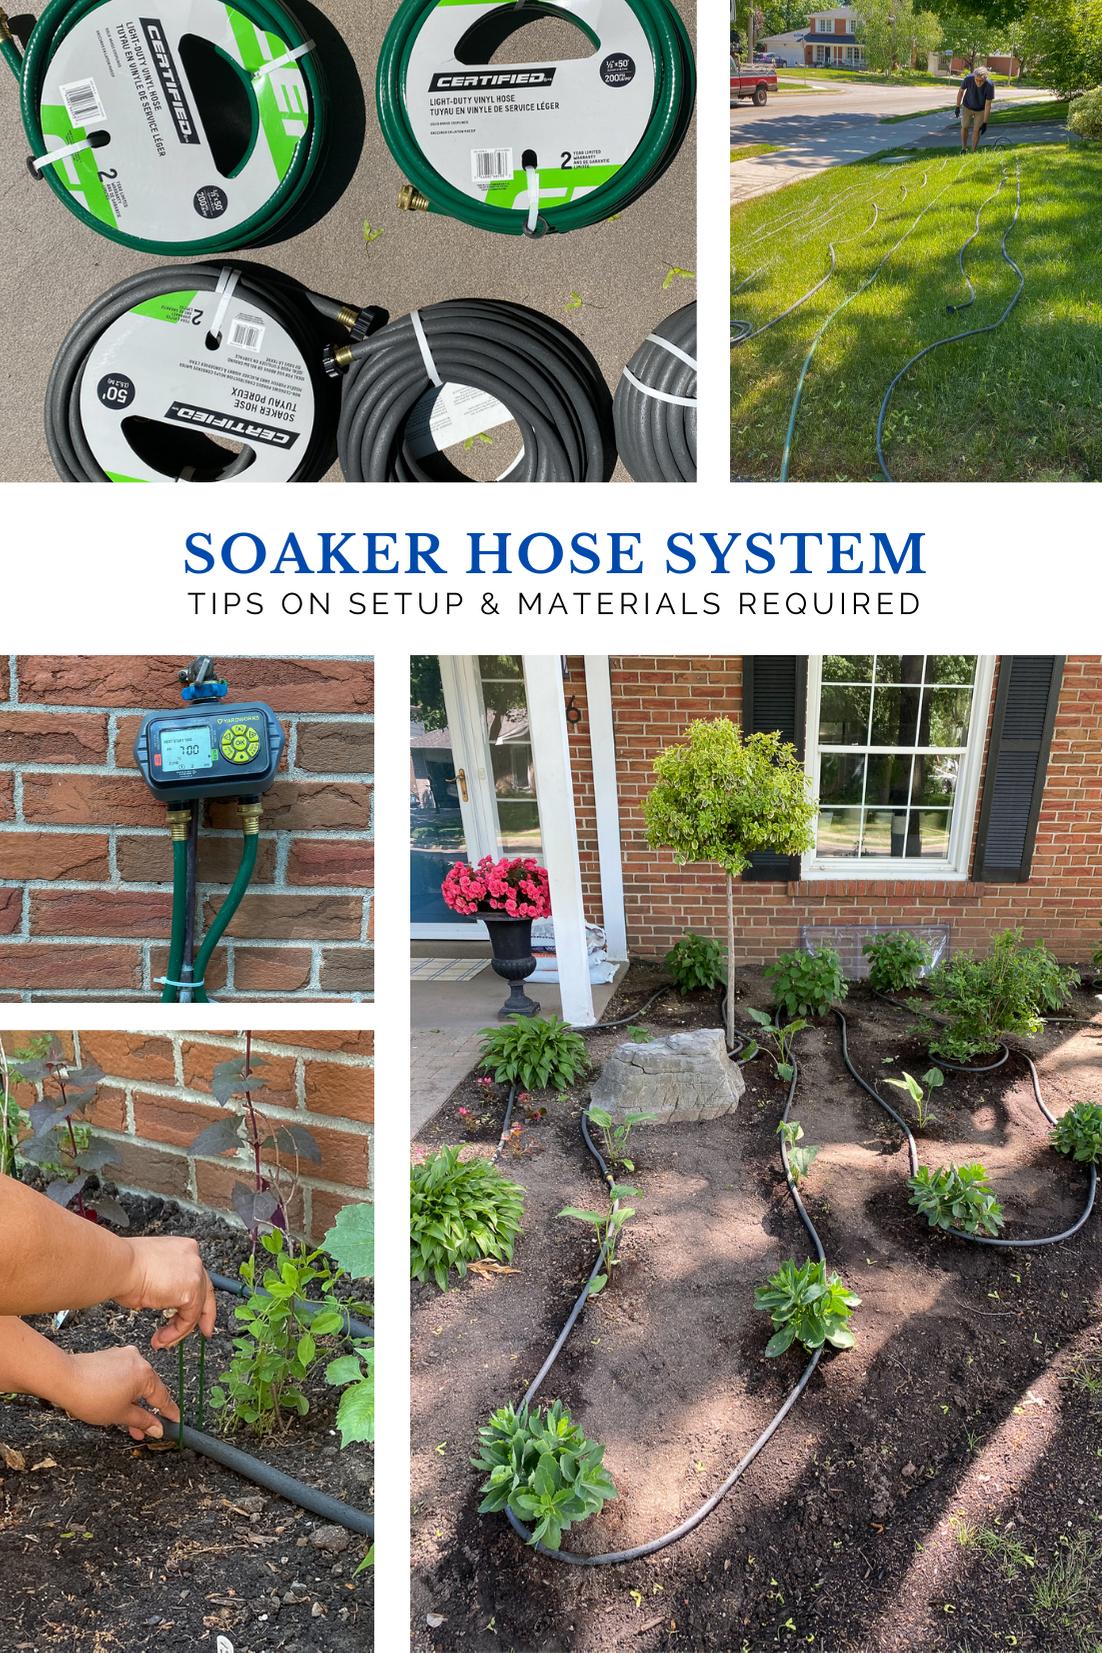 soaker hose system for the garden, soaker hose irrigation, garden soaker hose, how to set up a soaker hose system